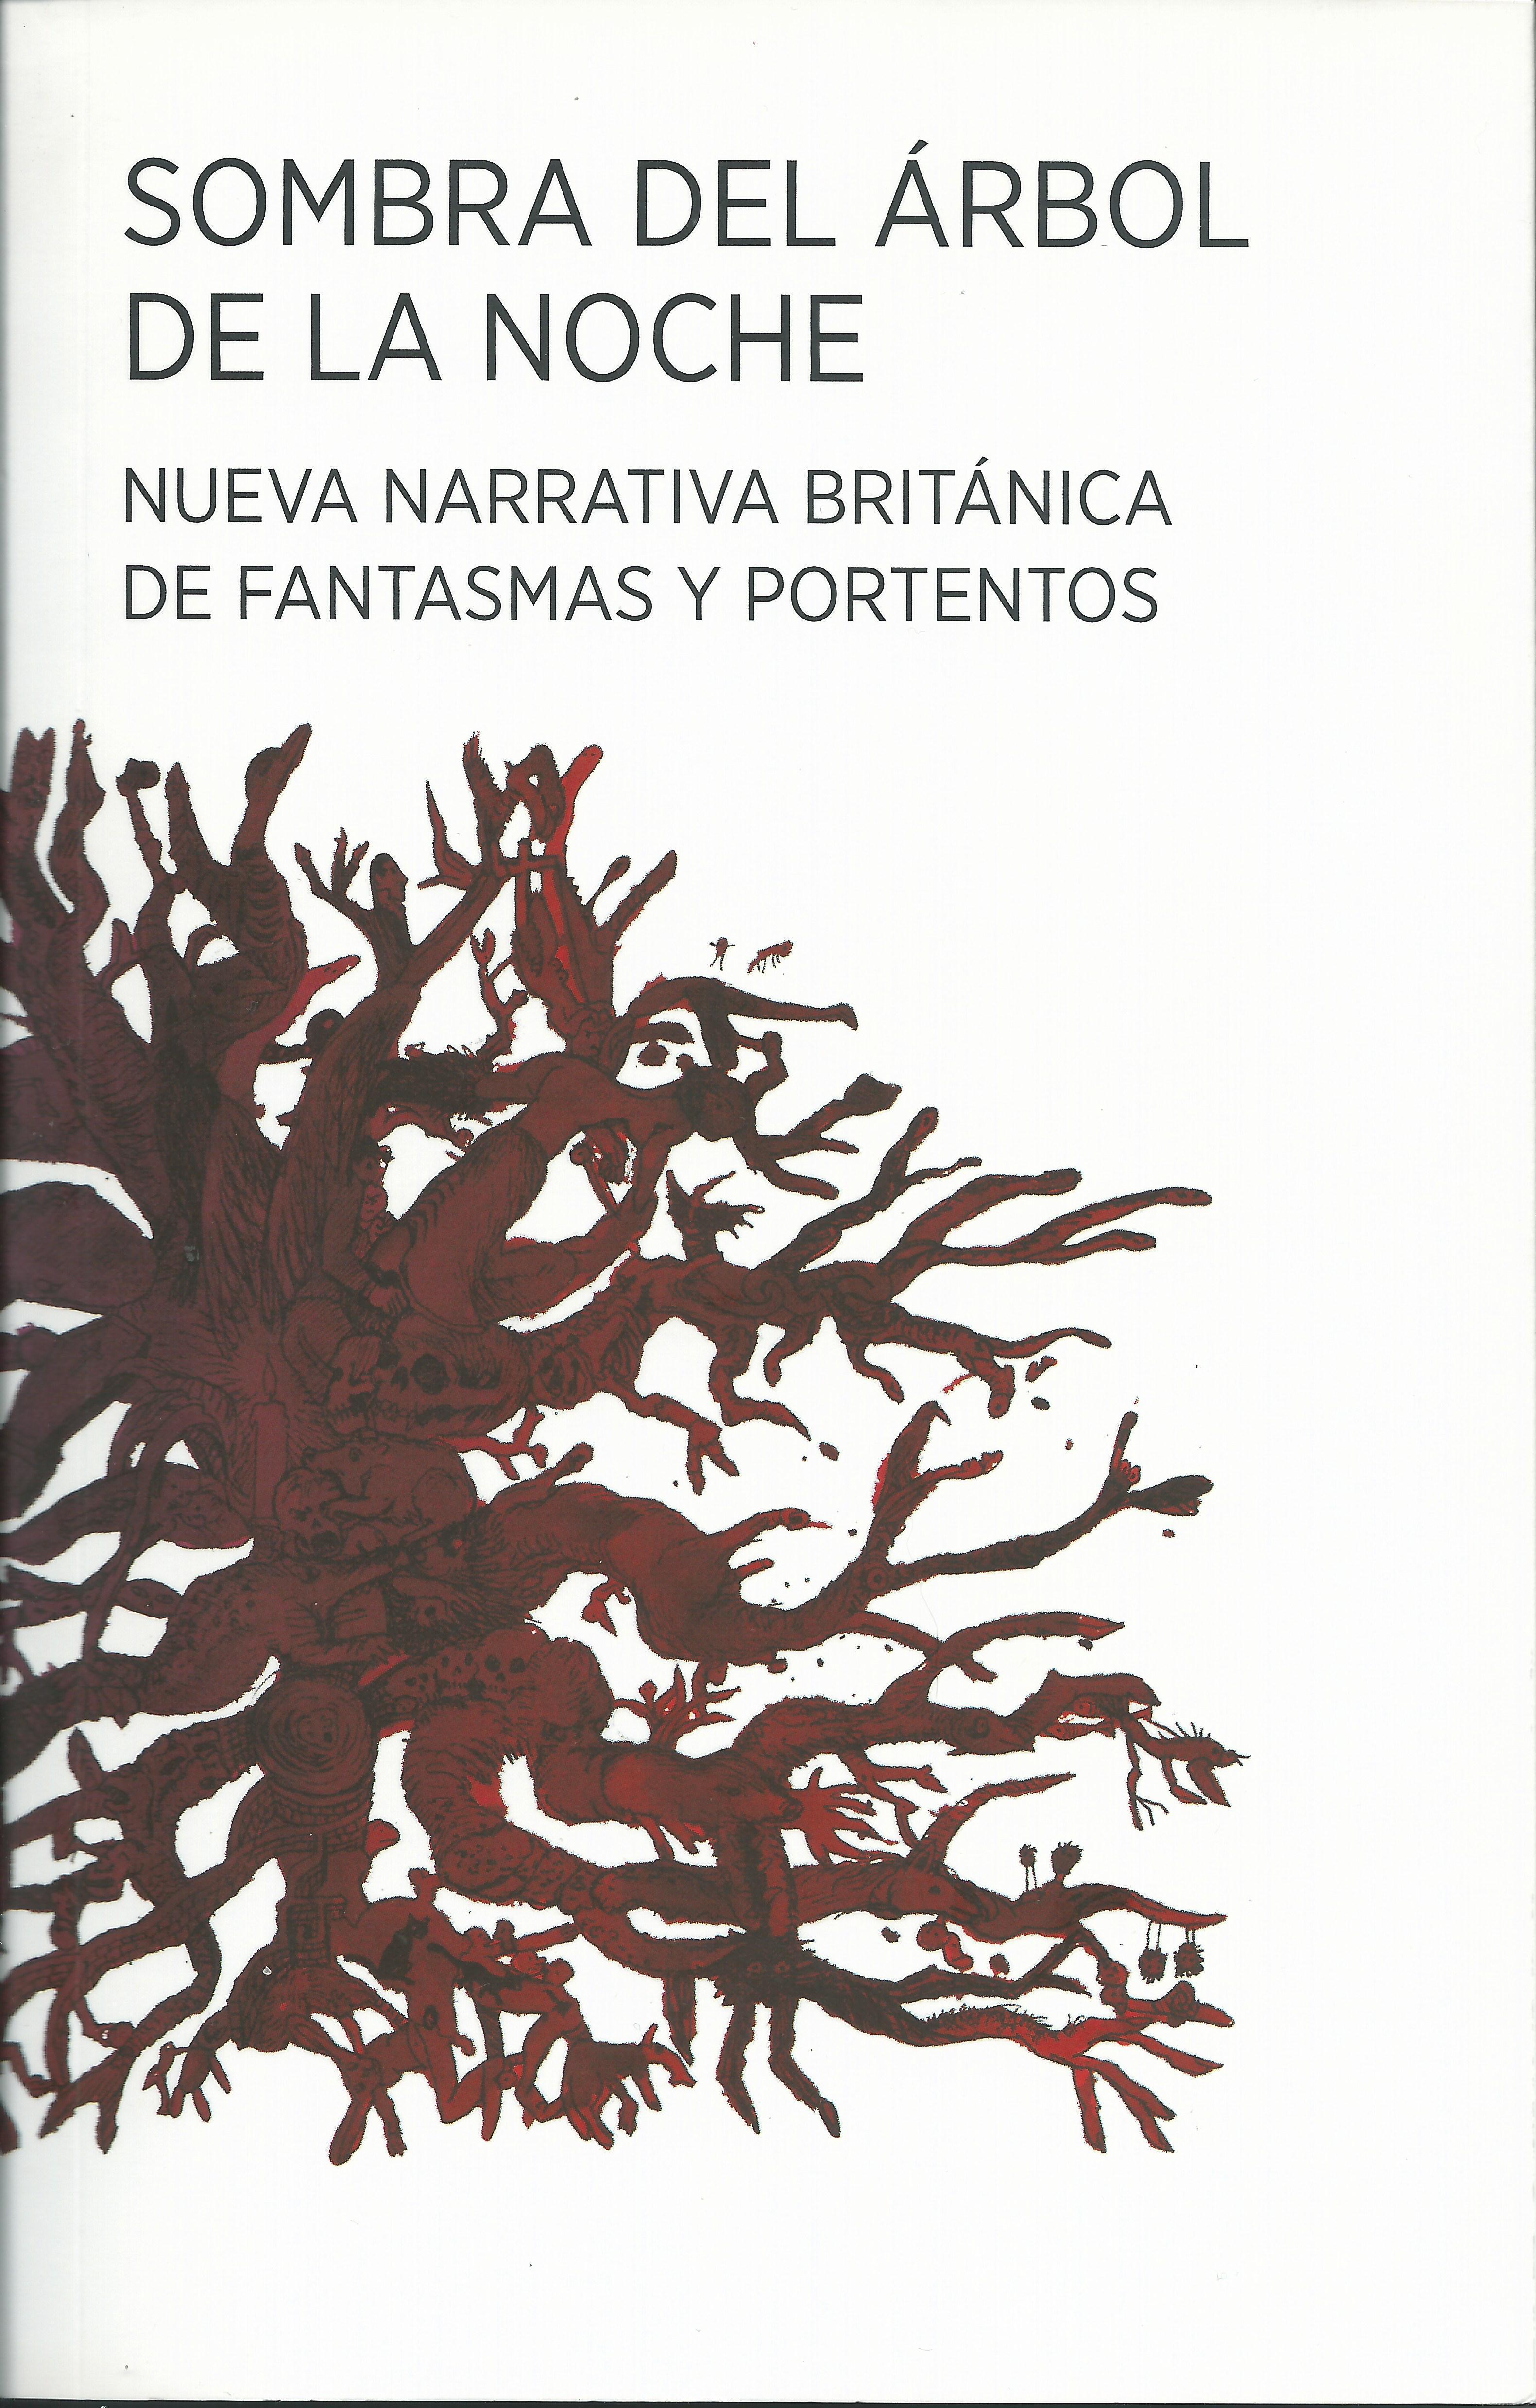 Sombra del árbol de la noche. Nueva narrativa británica de fantasmas y portentos Adriana Díaz Enciso